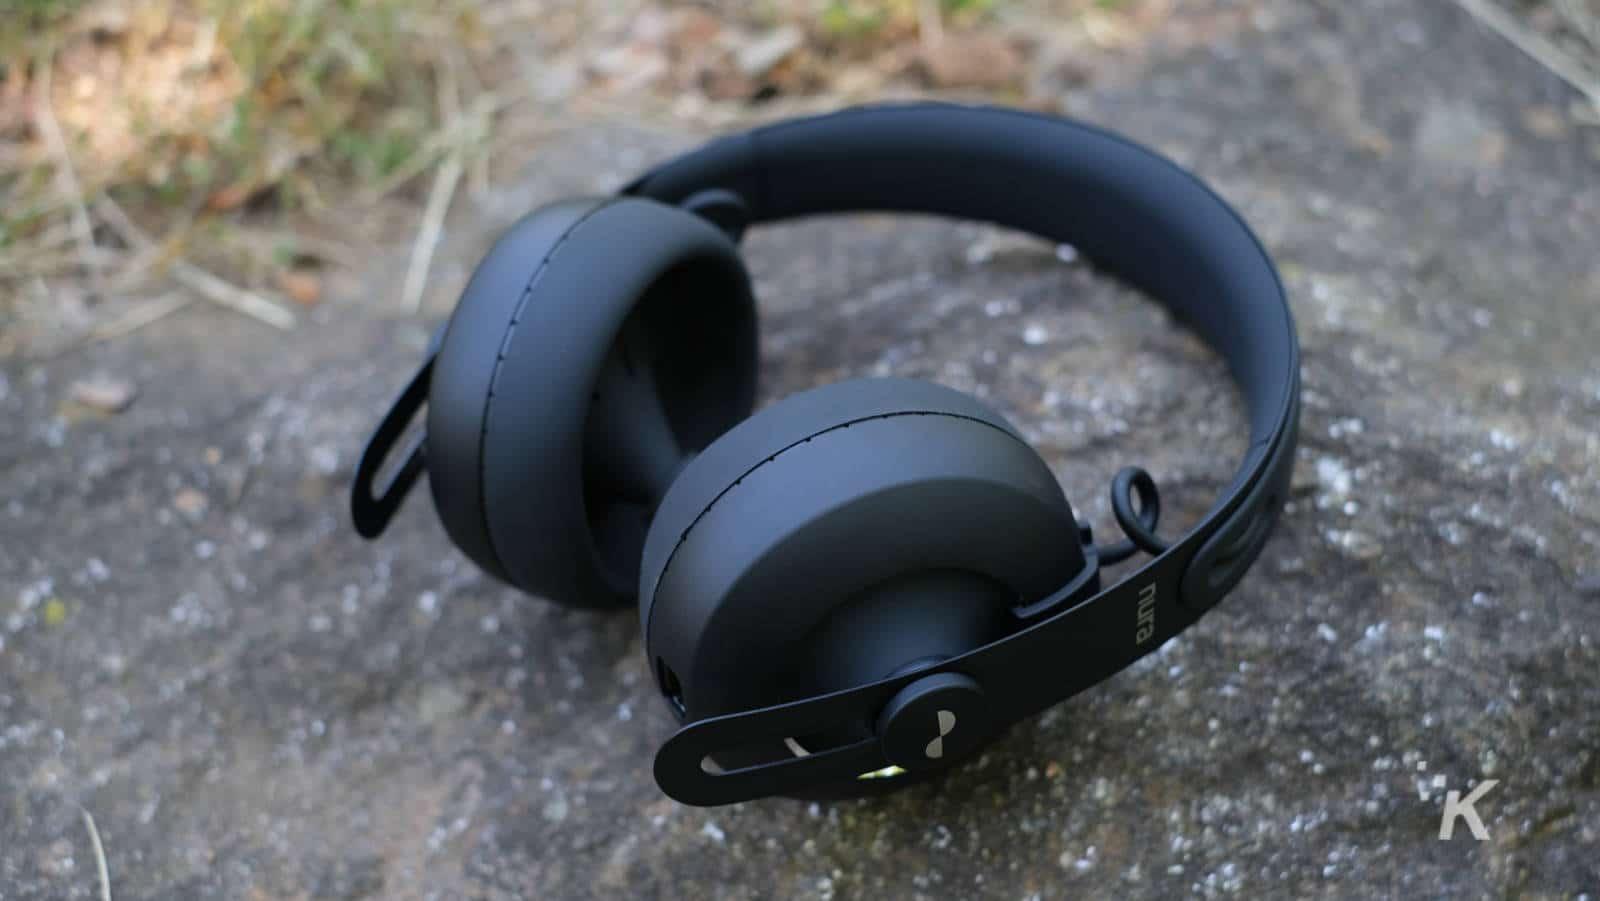 nuraphone headphones on a rock